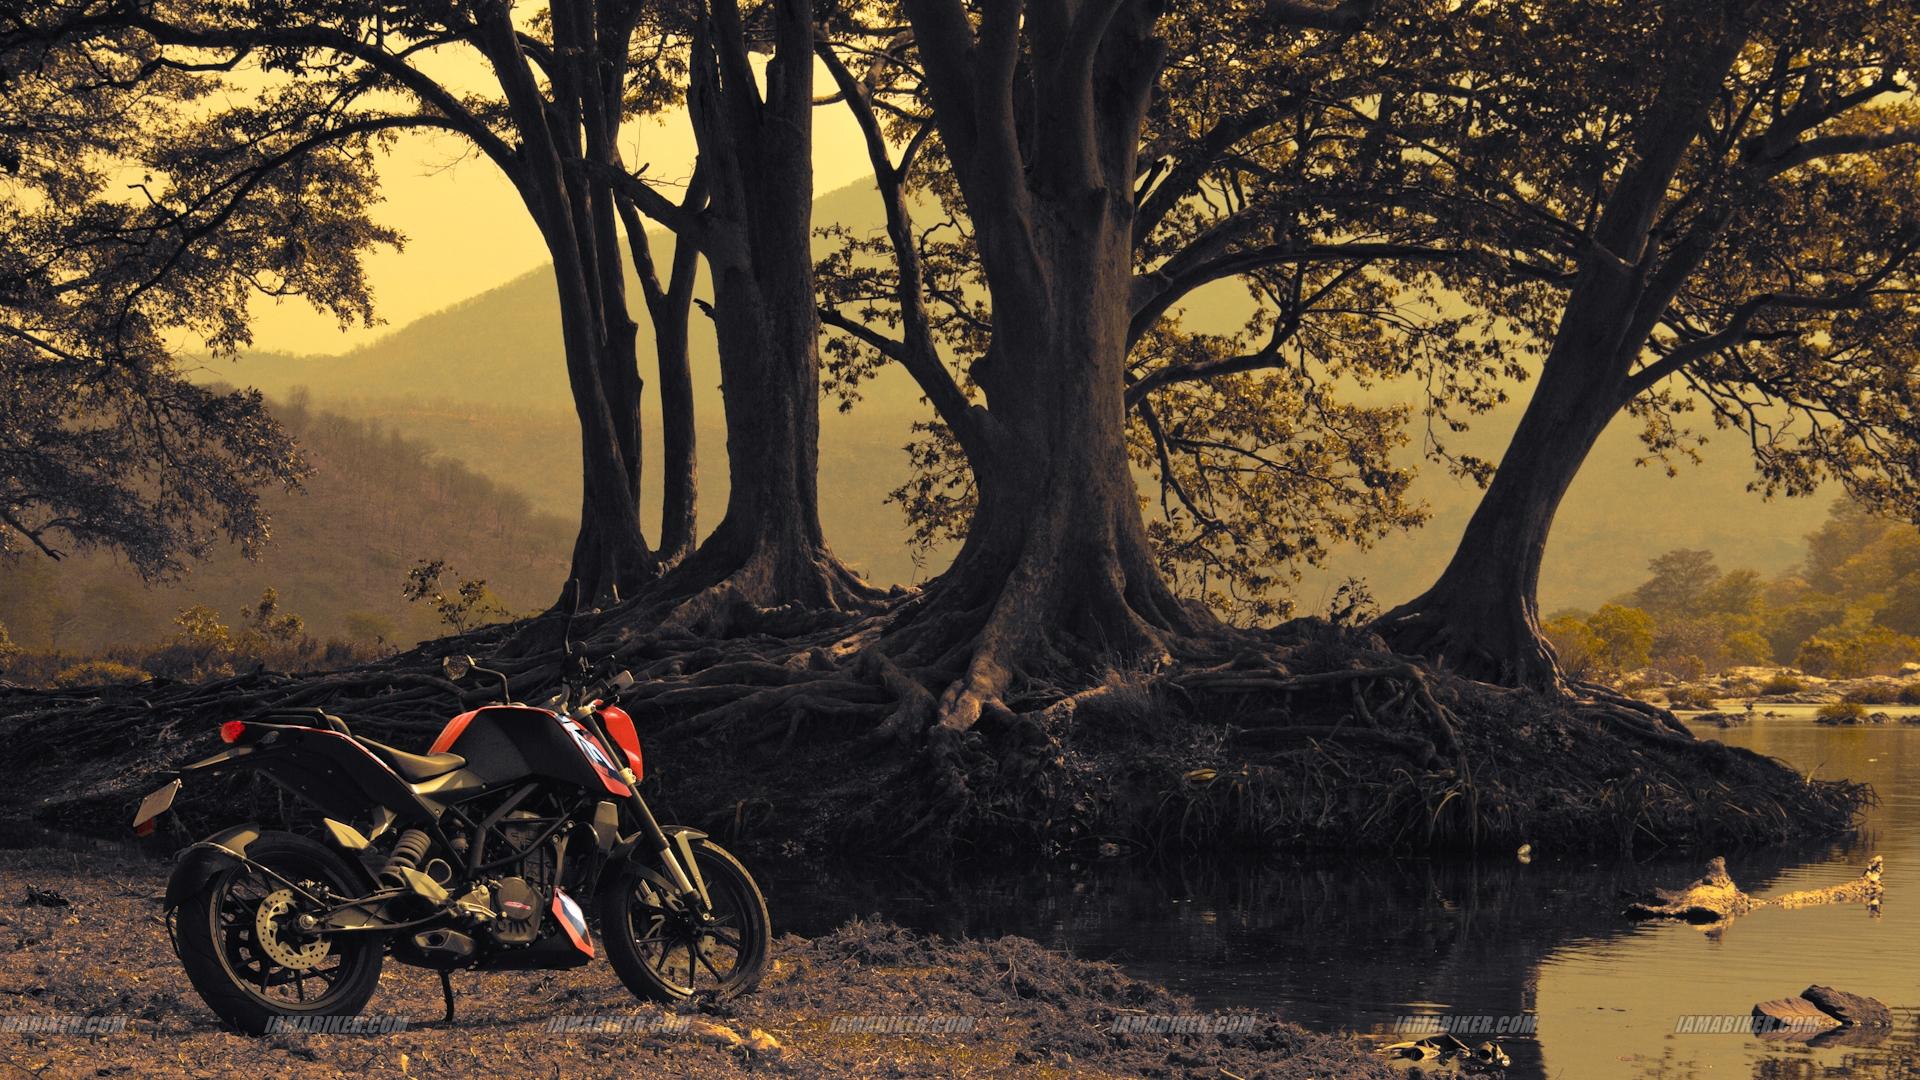 KTM Duke 200 wallpaper   Click for high resolution 1920x1080